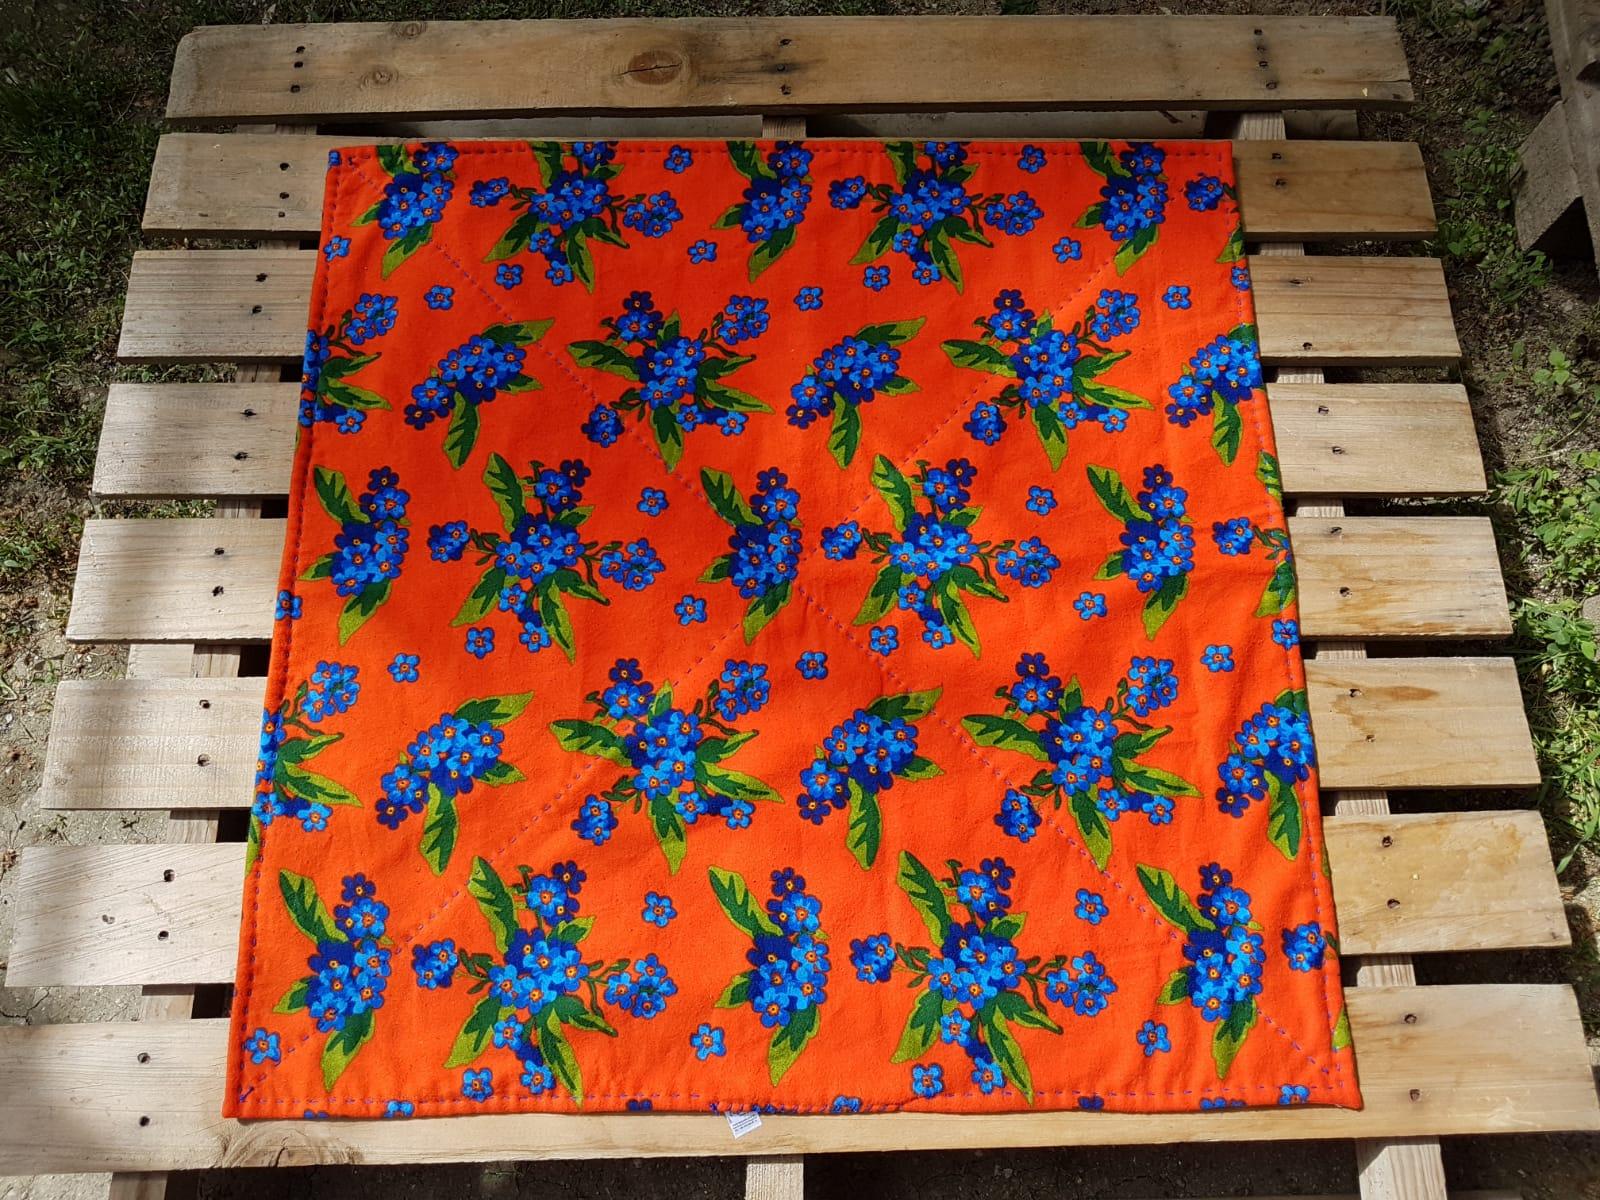 Turuncu Zemin Gece Mavisi Çiçekler Hamur Mayalama Örtüsü 78x78 Cm_beg_2908